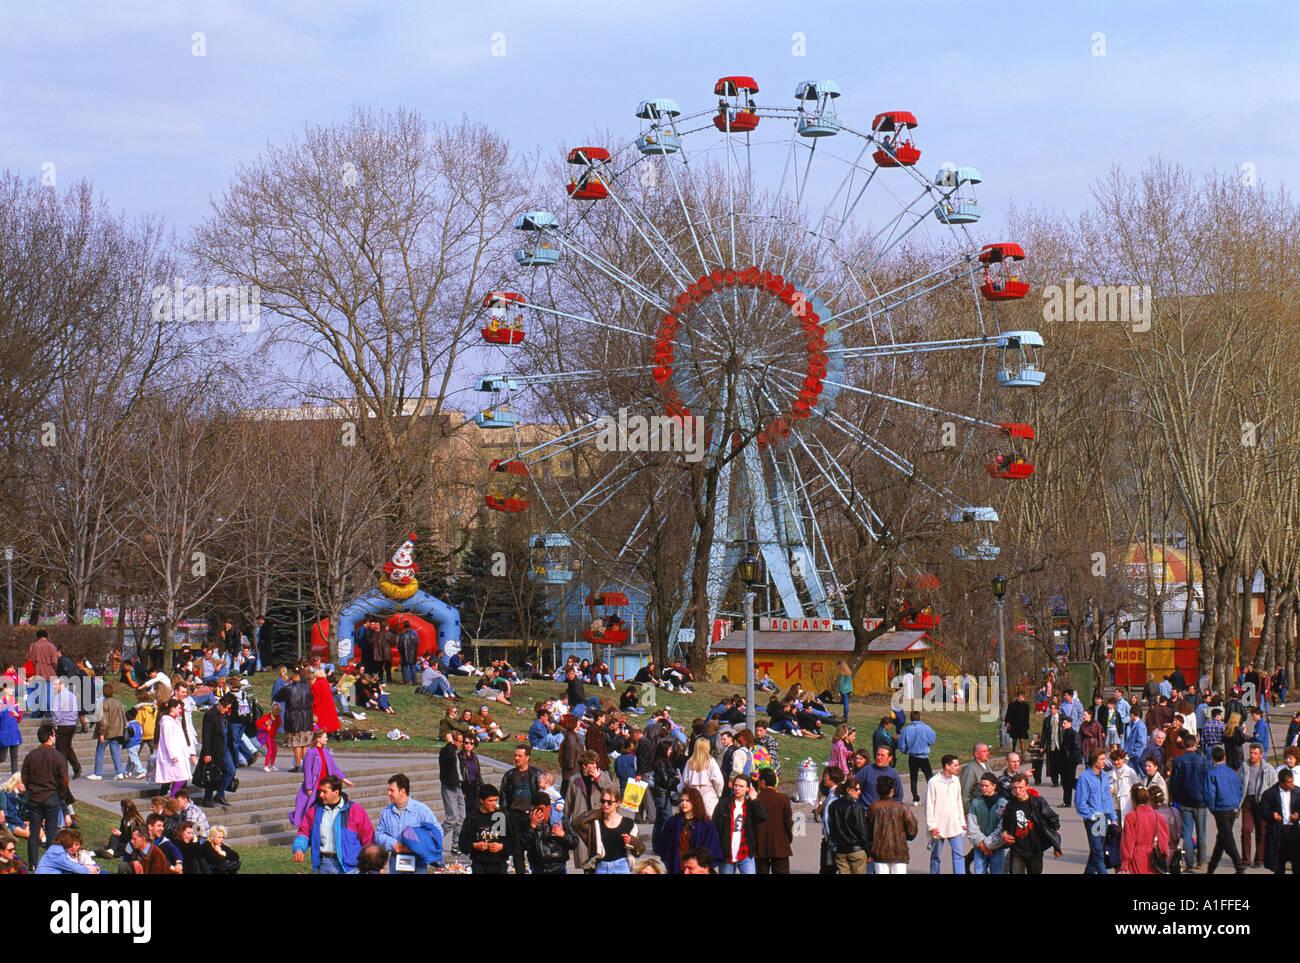 Las multitudes en una feria con una gran rueda durante el día de la Tierra Festival en el Parque Gorky de Moscú Rusia G Hellier Imagen De Stock